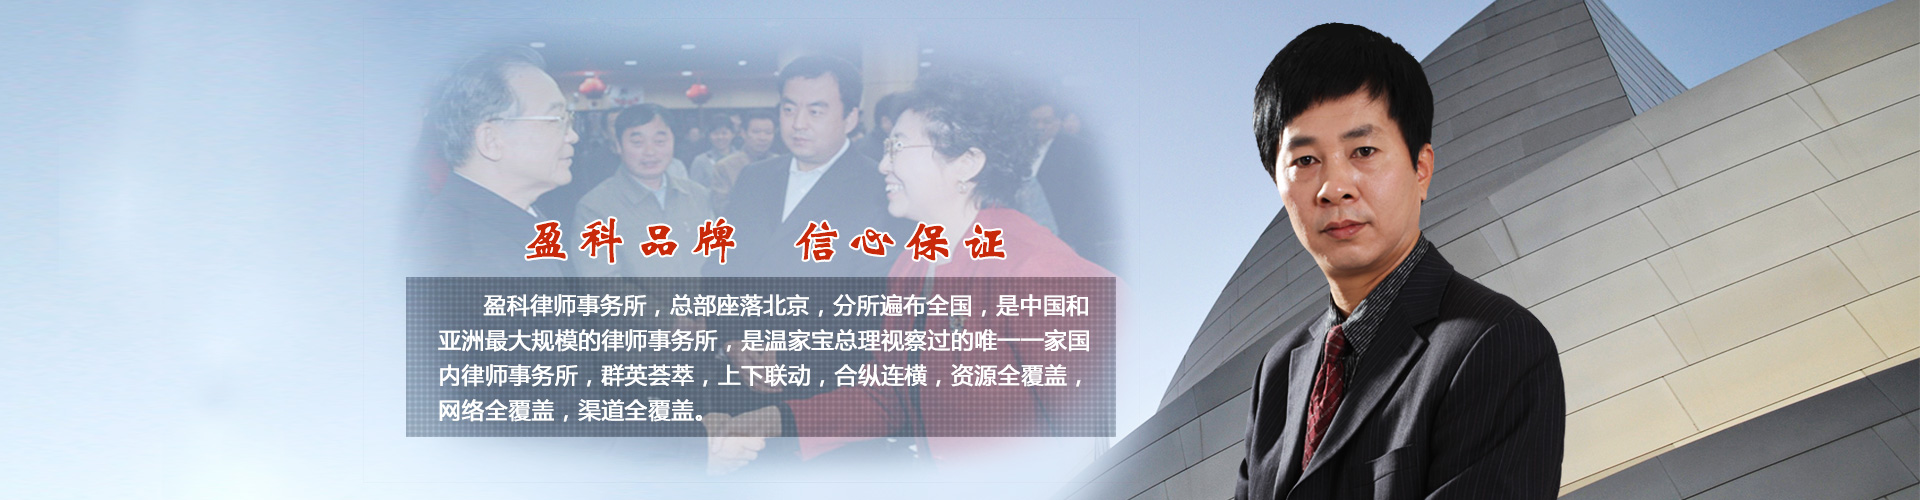 广州李文涛律师2